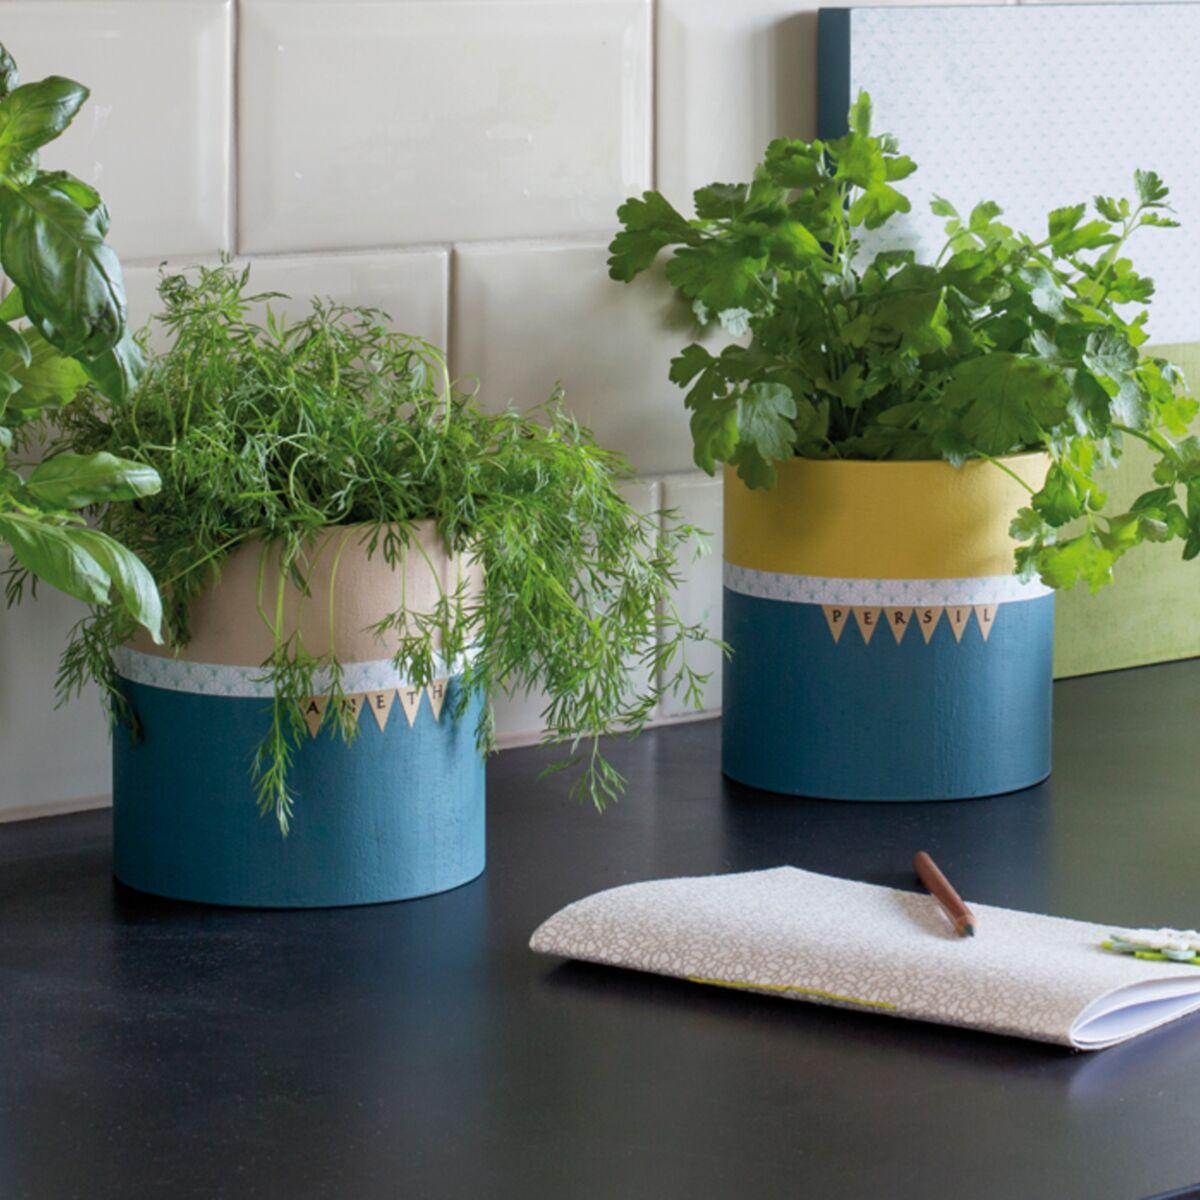 Des Pots A Plantes Aromatiques Originaux Pour Ma Cuisine Femme